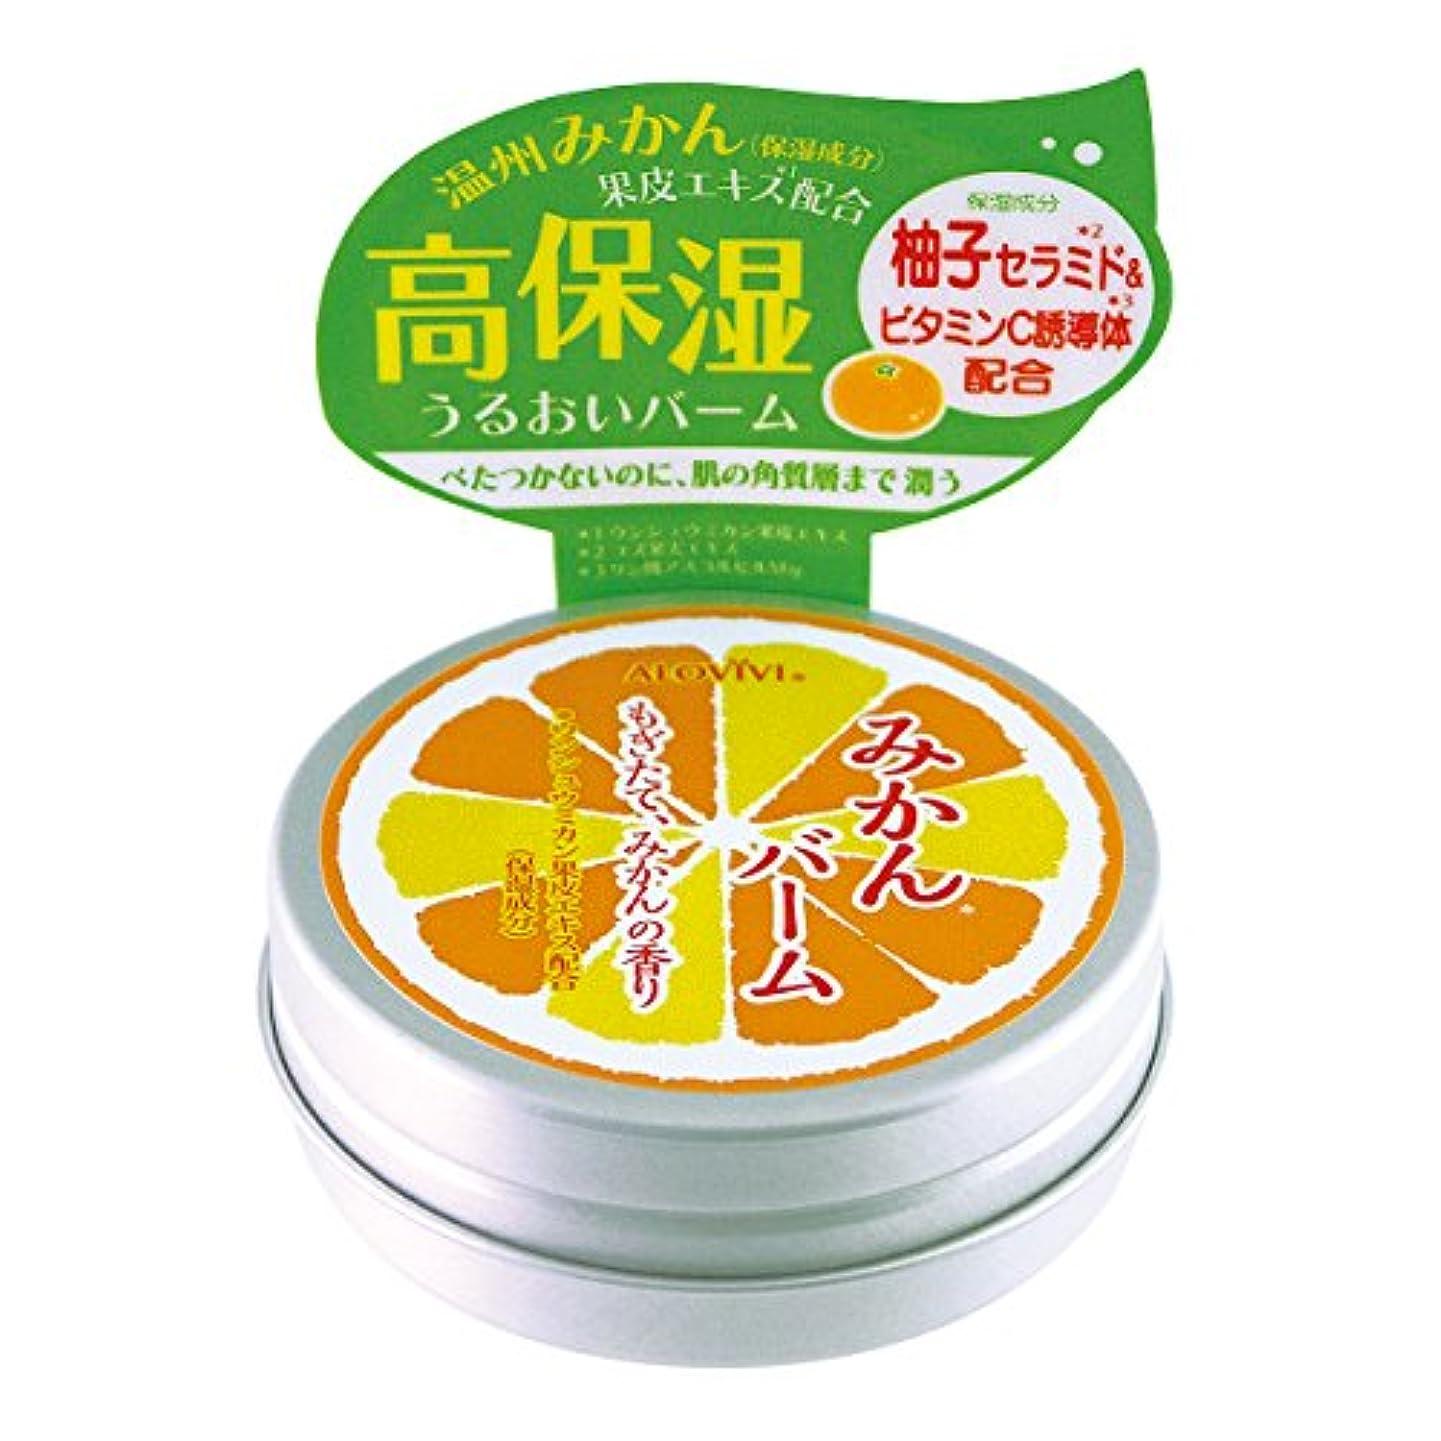 残り物肥料類似性アロヴィヴィ みかんバーム 化粧用油 25g